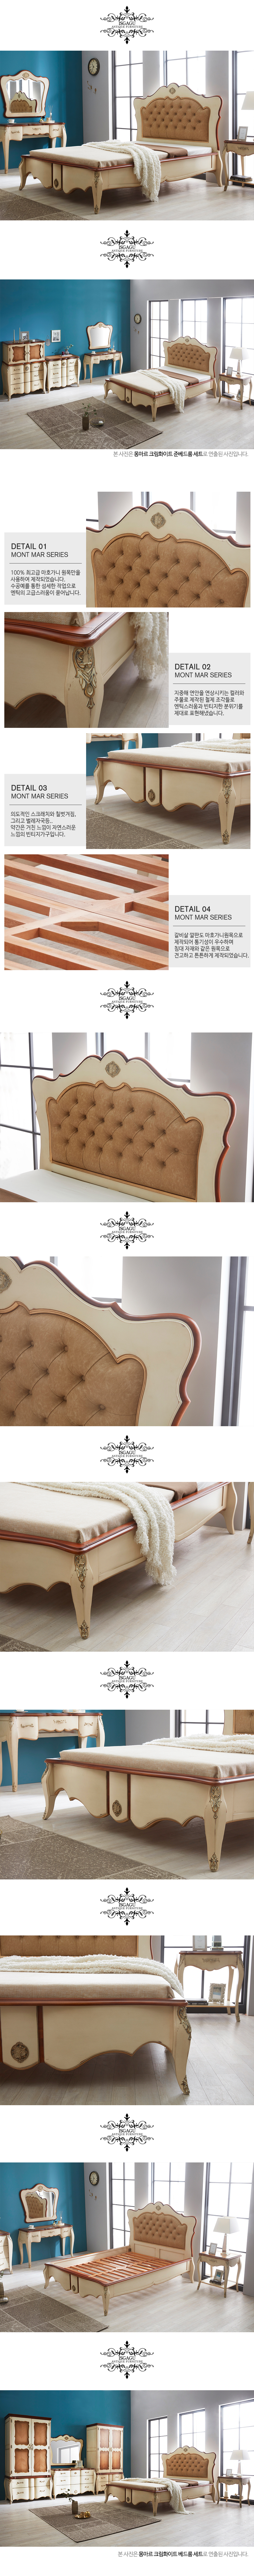 견고한 마호가니원목으로 제작한 정통엔틱스타일의 침대세트입니다.매트리스 깔판까지 마호가니원목으로 제작하여 오랜세월 흔들림과 소음없이 사용하실 수 있습니다.